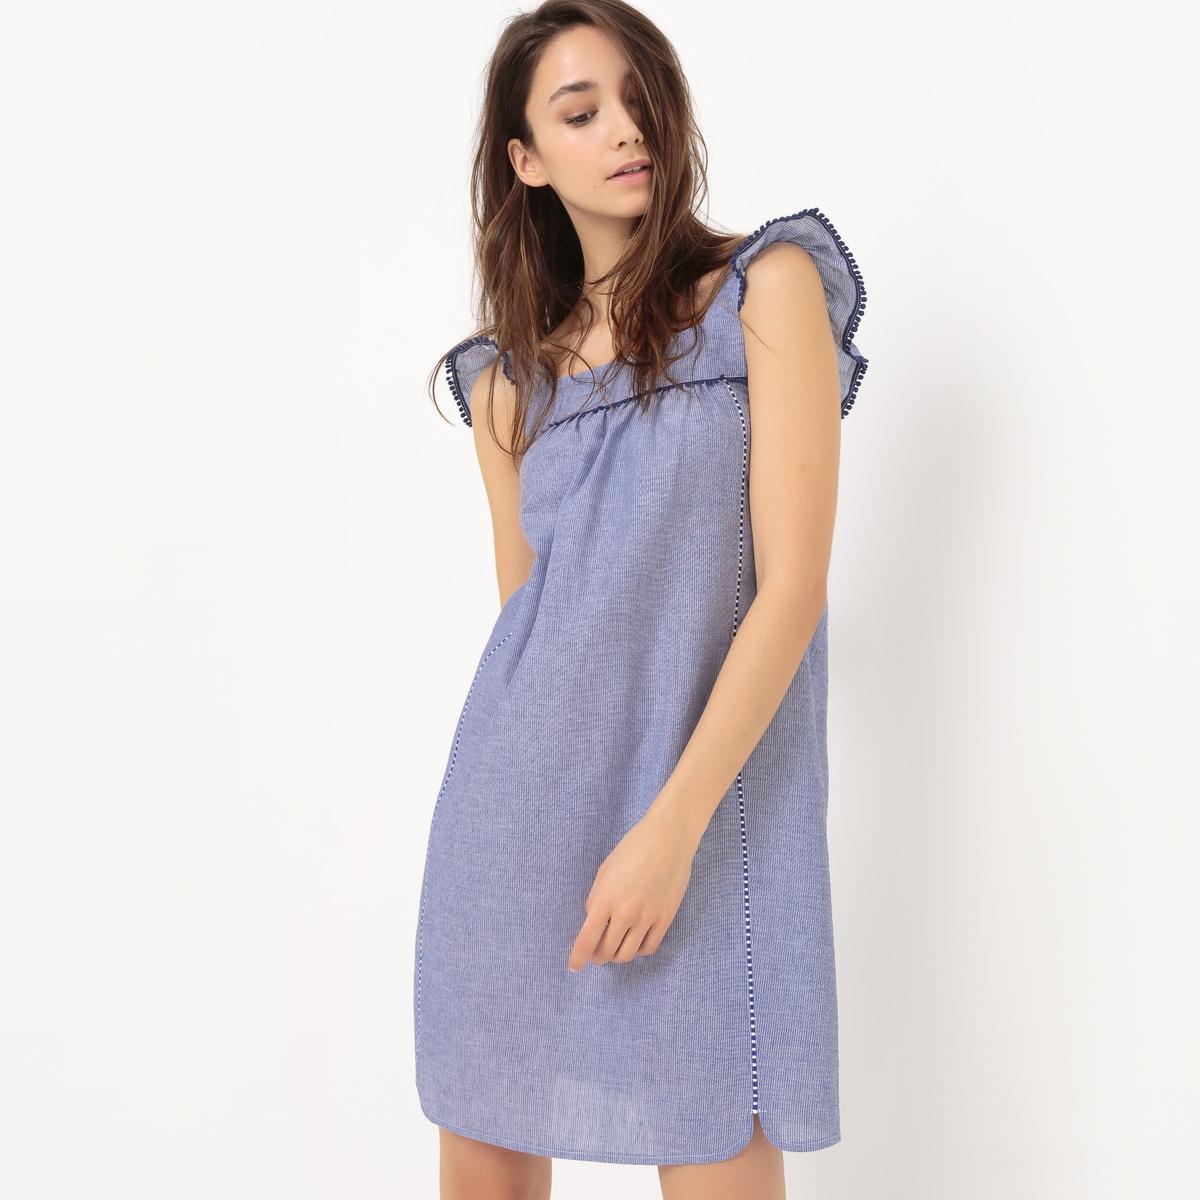 Платье из ткани шамбре, с короткими рукавами и воланамиМатериал : 100% хлопка.       Длина рукава : Без рукавов       Форма воротника : без воротника      Покрой платья : платье прямого покроя    Рисунок : Однотонная модель       Особенность платья : волан      Длина платья : до колен<br><br>Цвет: синий шамбре<br>Размер: 46 (FR) - 52 (RUS)